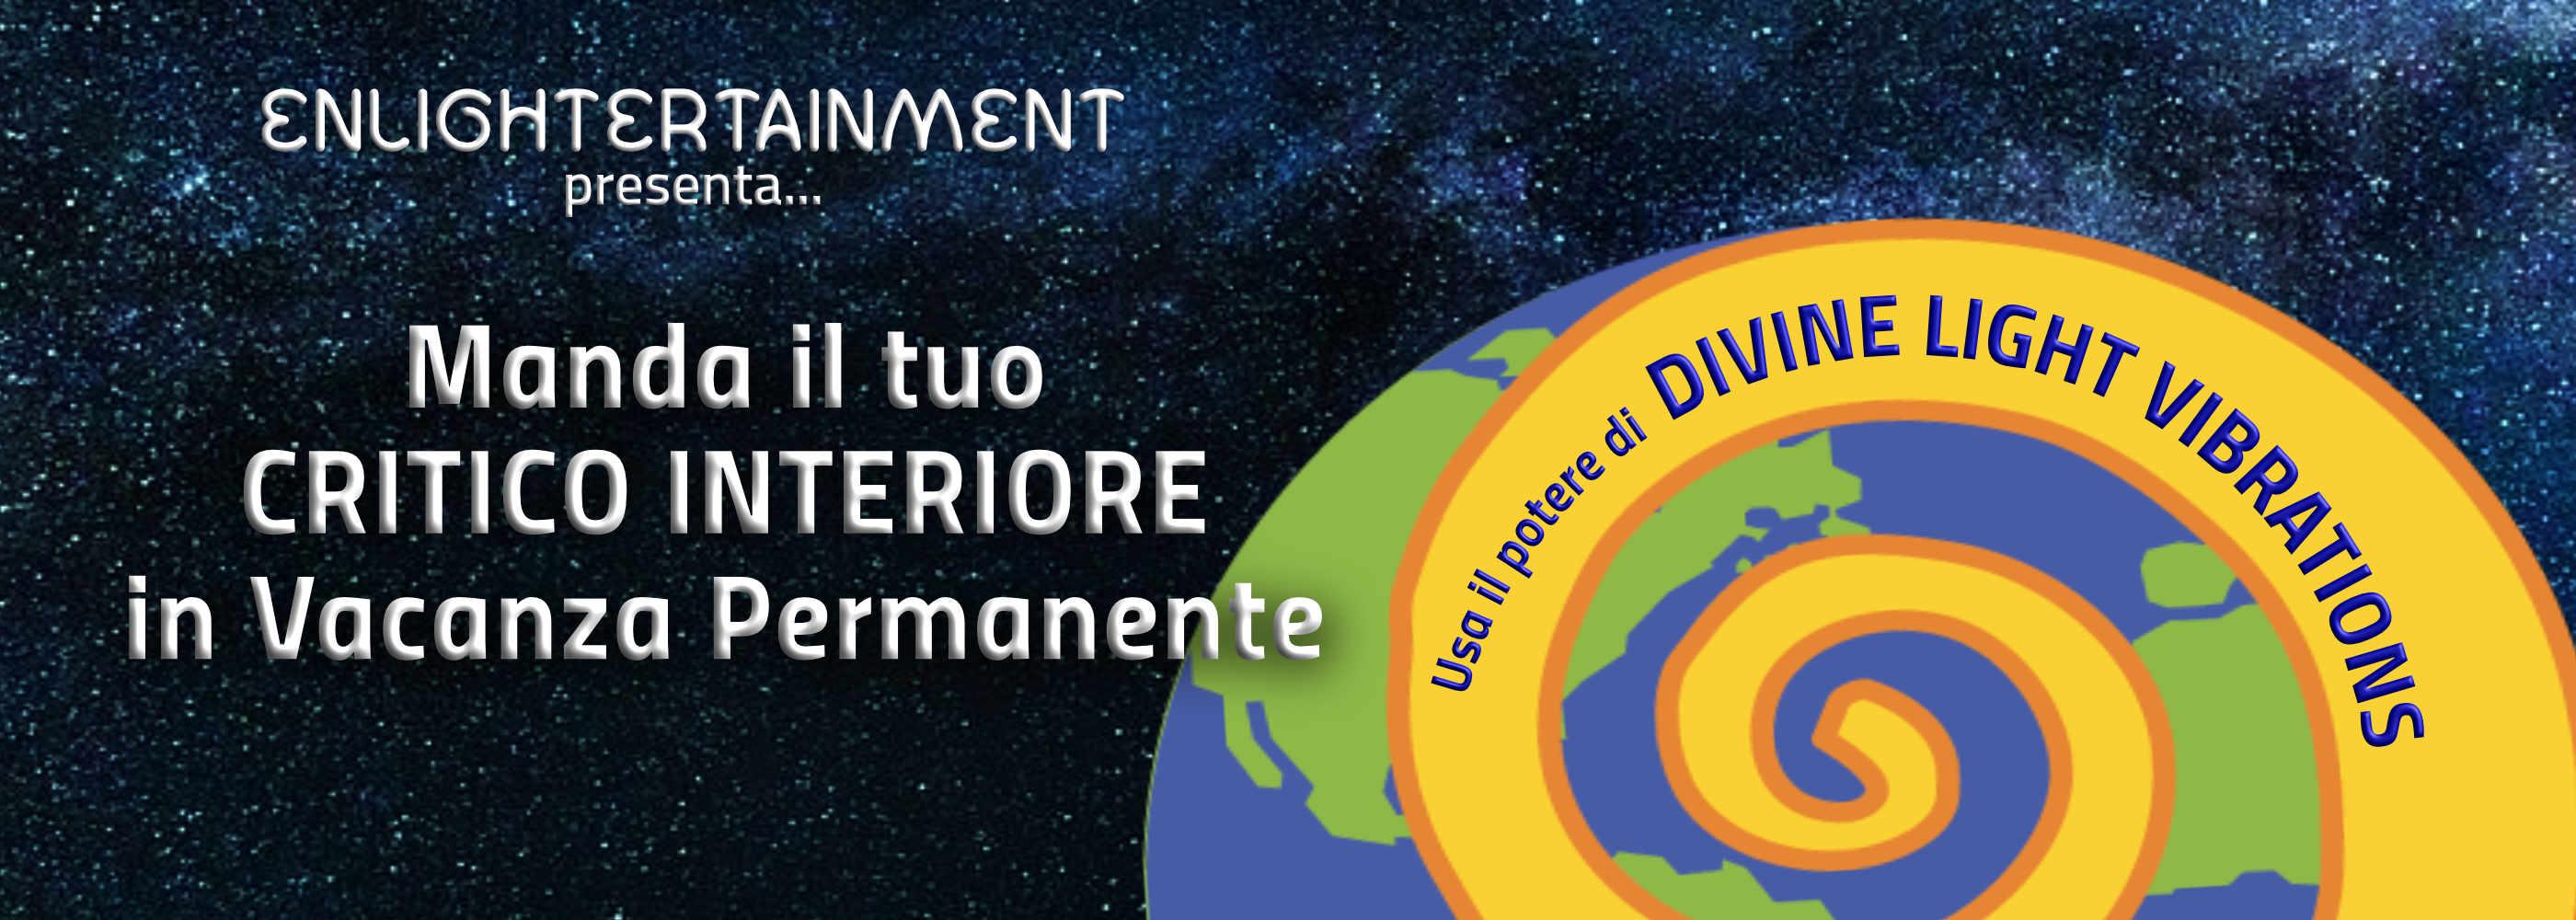 Banner Manda il tuo Critico Interiore ad una Vacanza permanente con Glenn Younger, Englightertainmnent su DivineLightVibrations.com